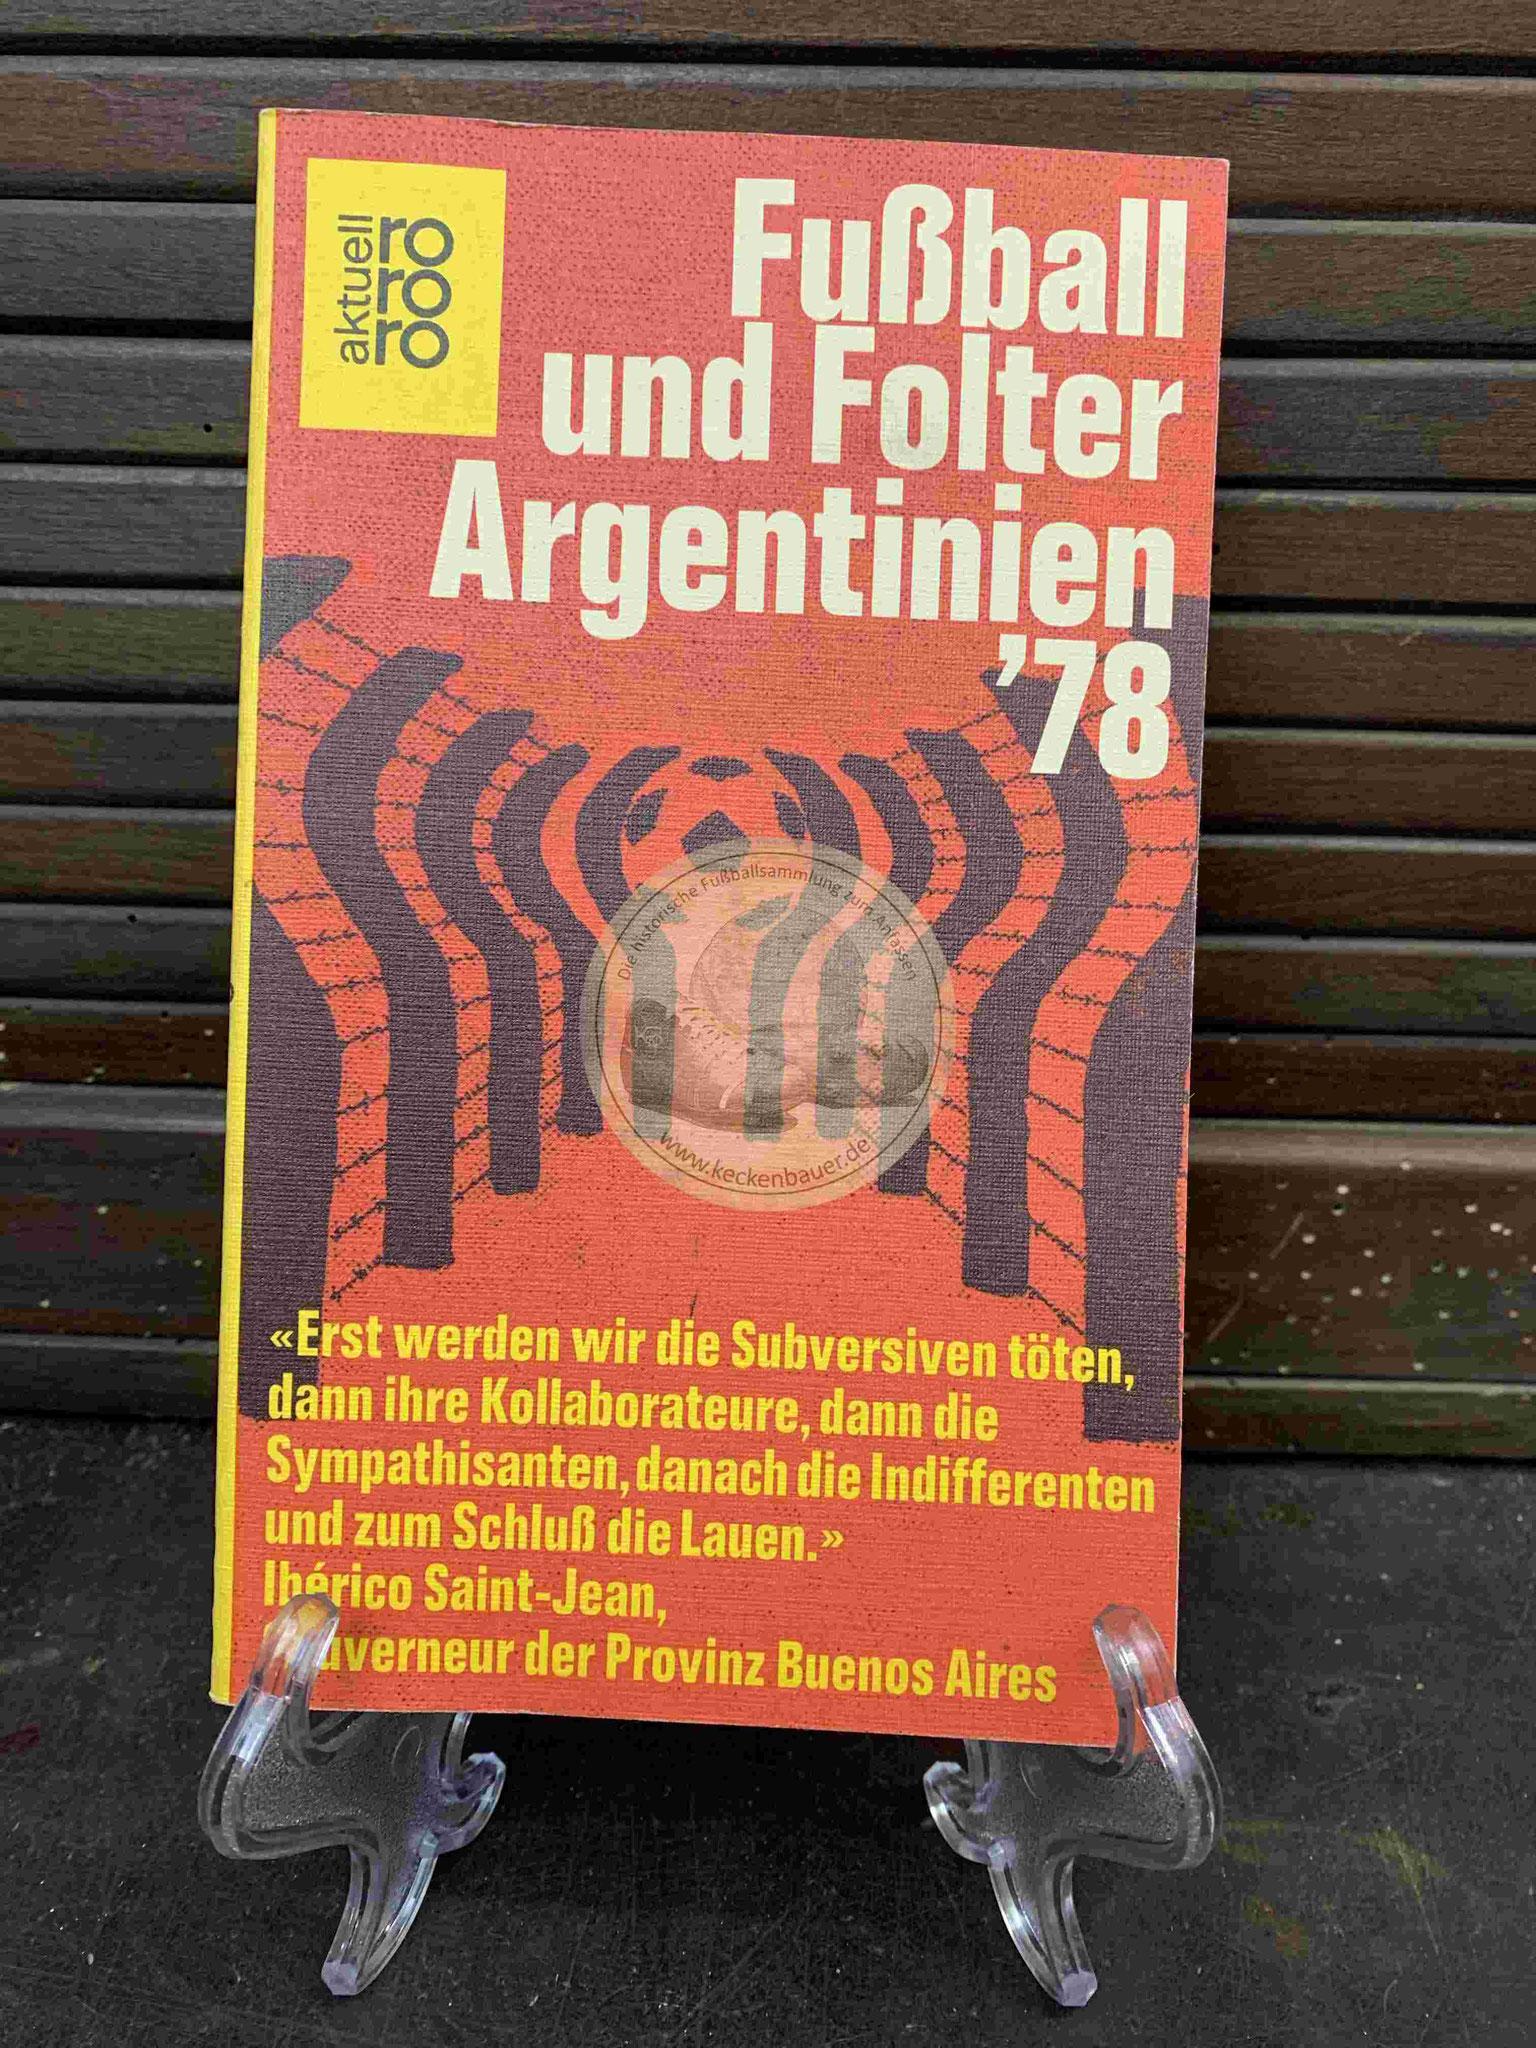 Fußball und Folter Argentinien ´78 vom RORORO Verlag